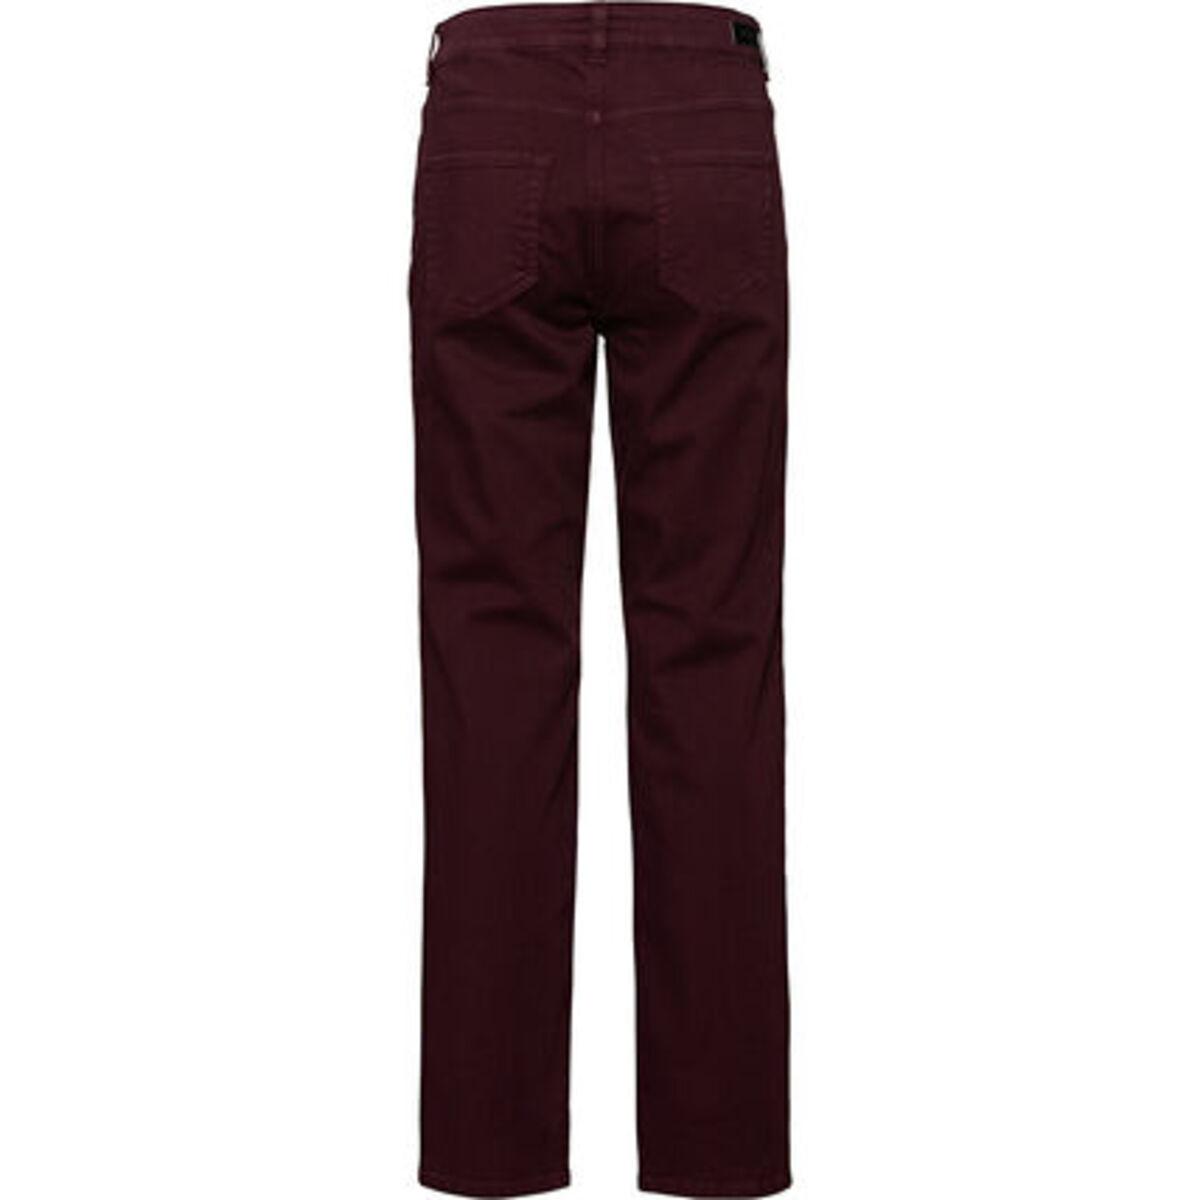 Bild 2 von Adagio Damen Jeans